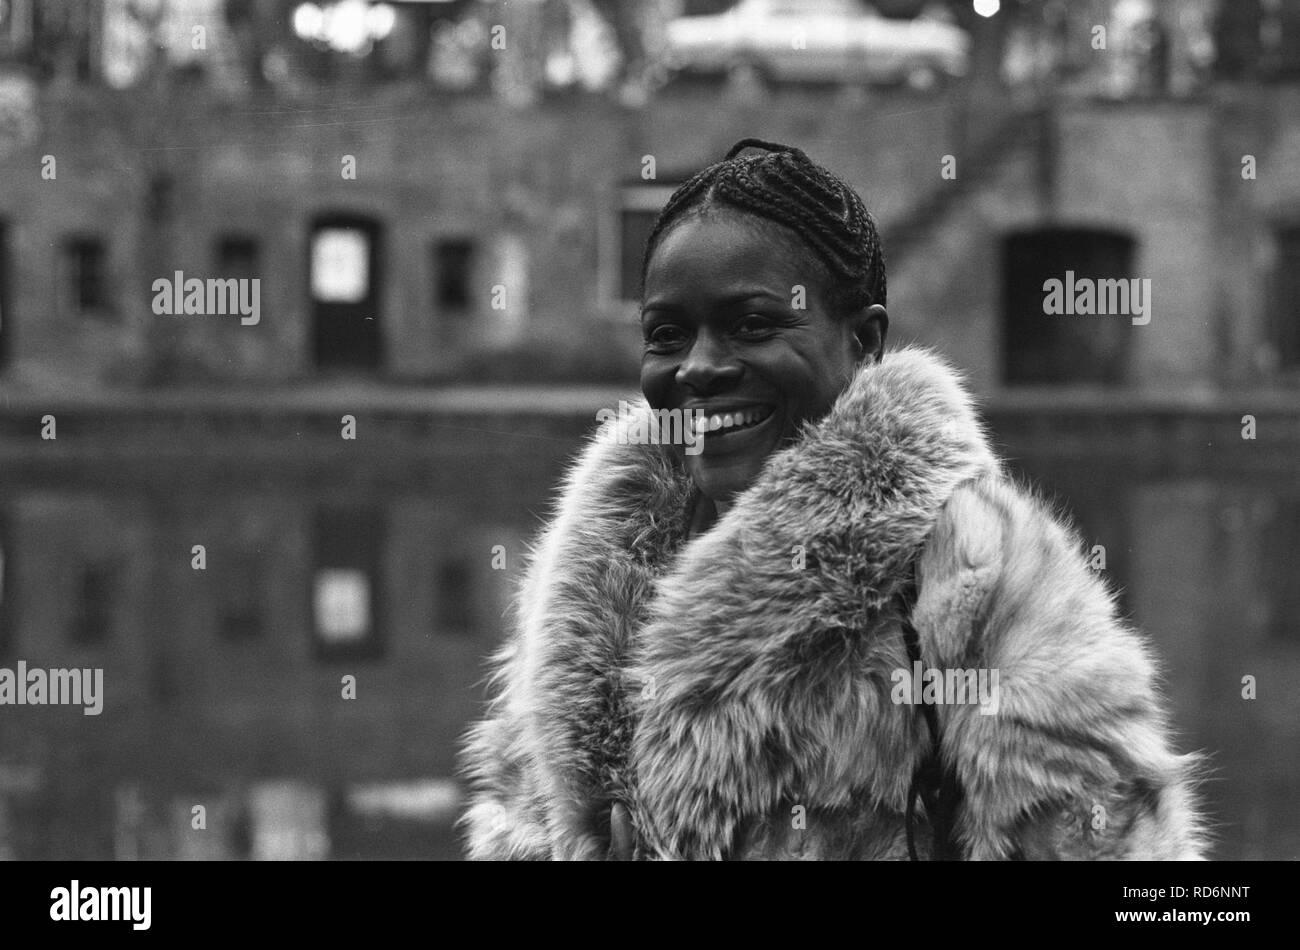 Amerikaanse filmster Cicely Tyson tijdens persconferentie in Utrecht, Bestanddeelnr 926-2469. - Stock Image